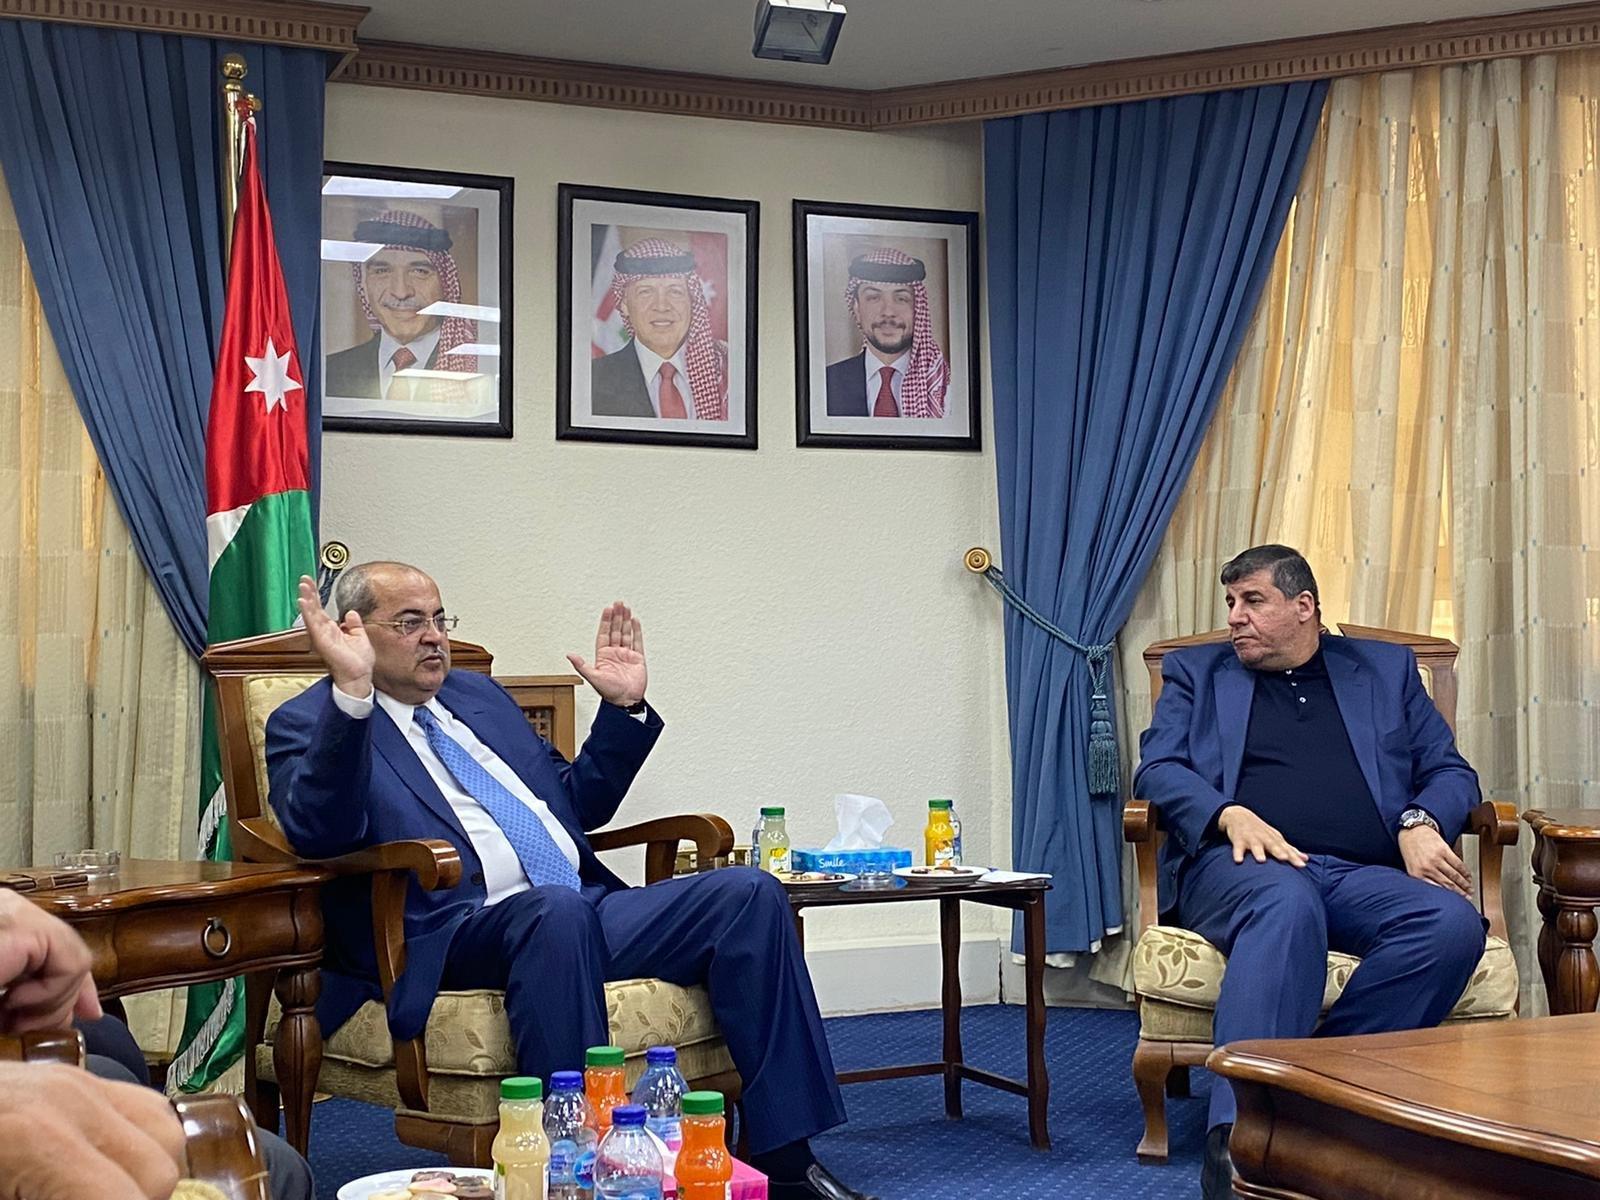 نواب لجنة القدس في المشتركة يطرحون قضايا الداخل والقدس خلال اجتماعهم بالبرلمان الأردني-3